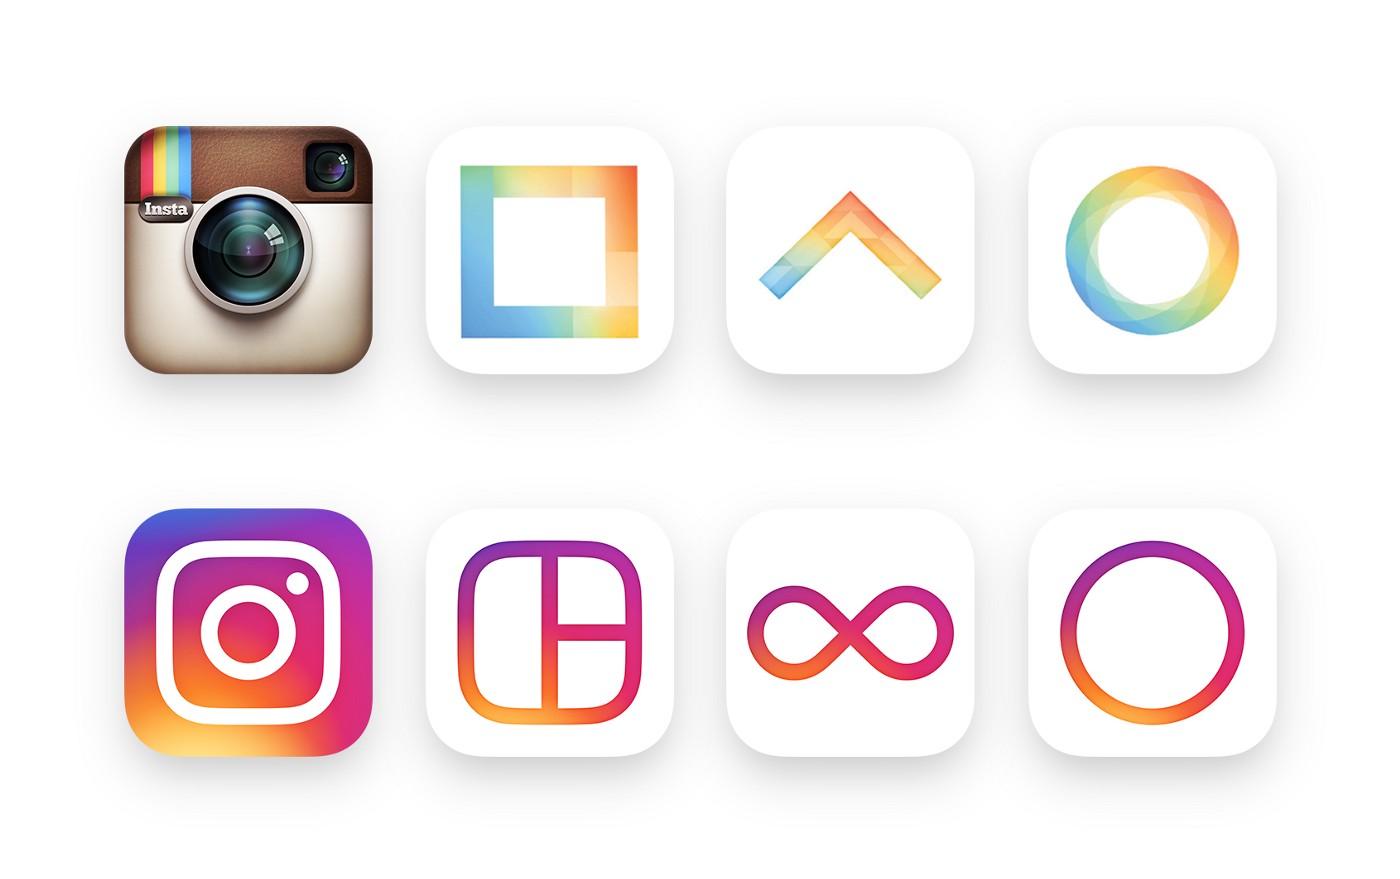 Icone Instagram: vecchio e nuovo